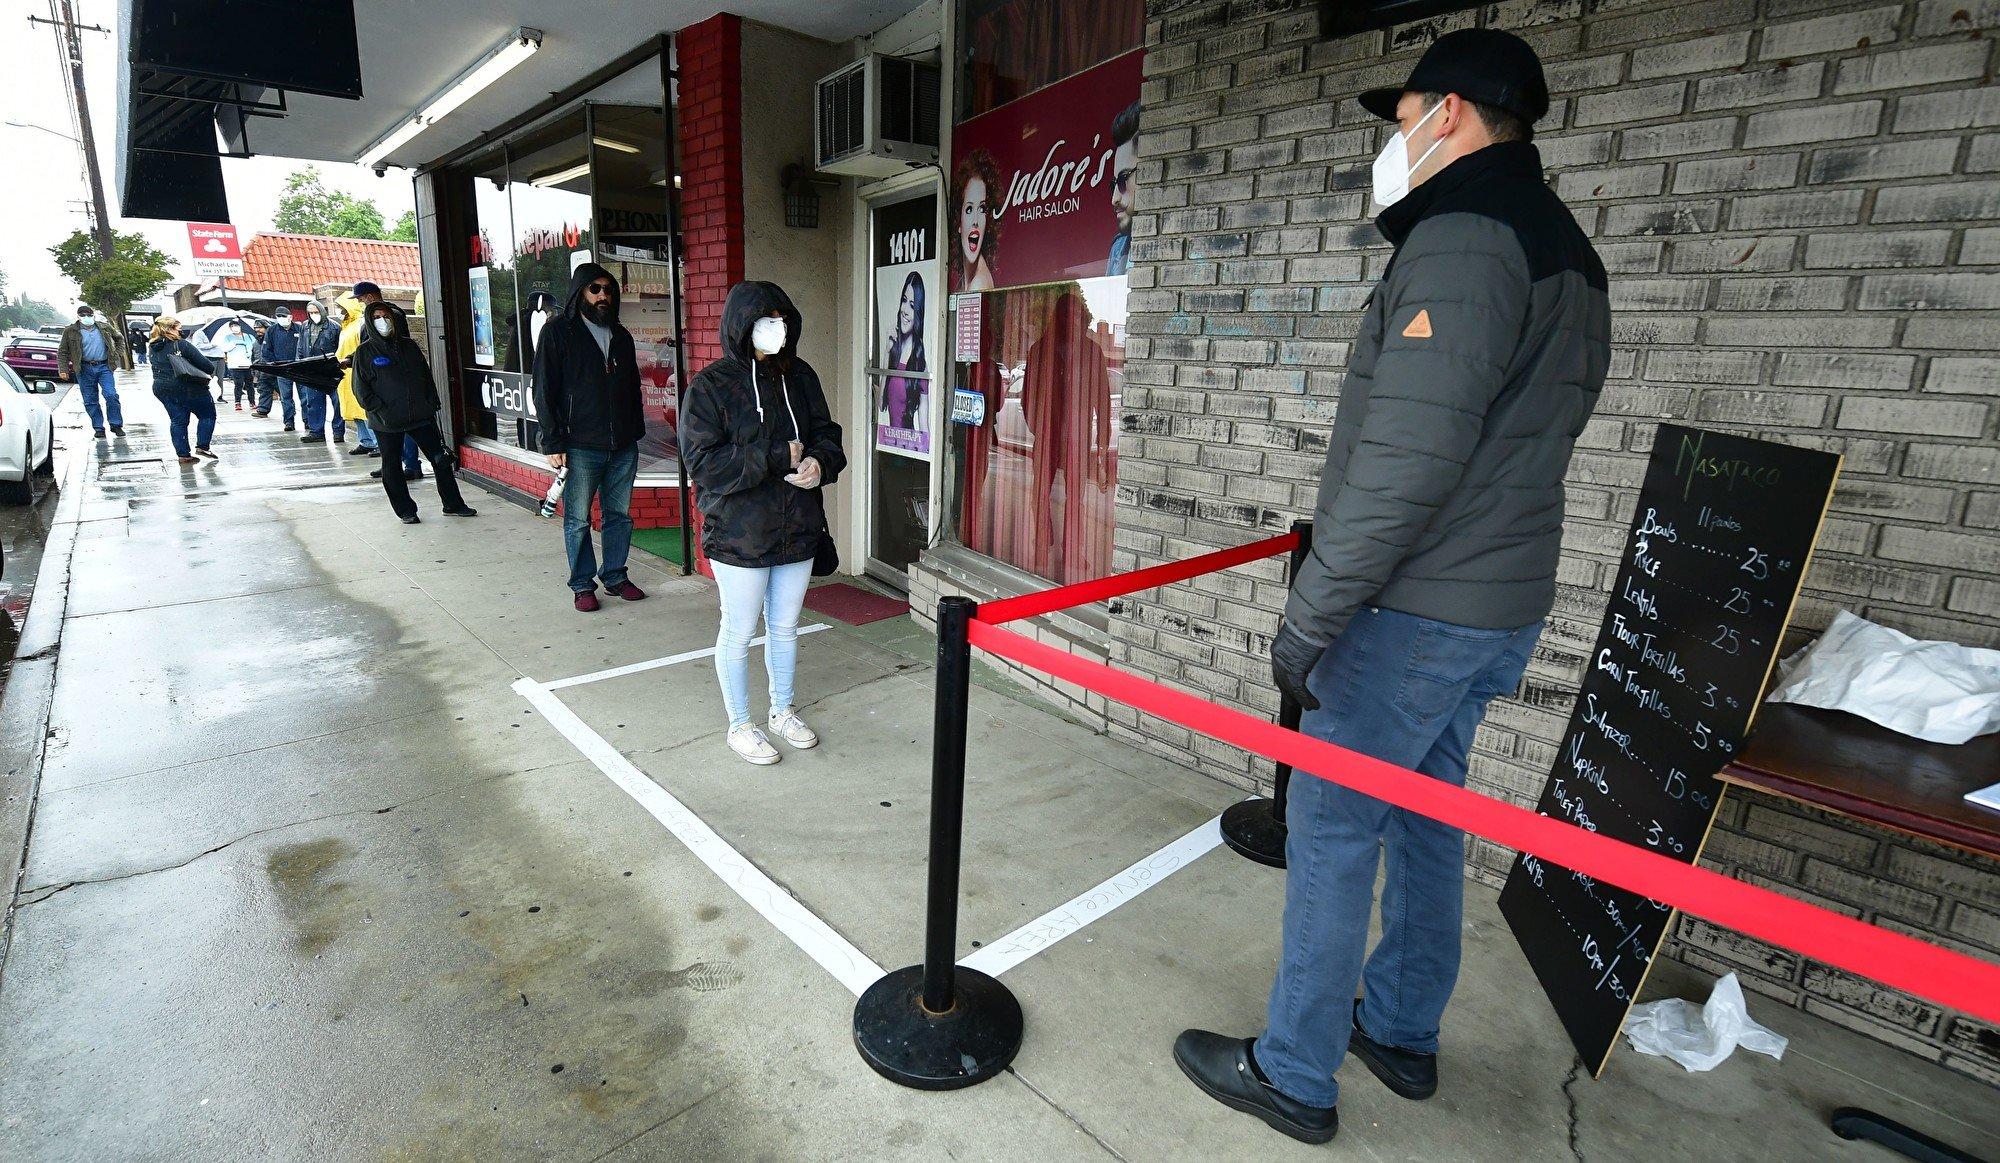 圖為2020年4月9日美國加州民眾排隊等待進入店內消費,均嚴格遵守社交距離規定。(FREDERIC J. BROWN/AFP via Getty Images)